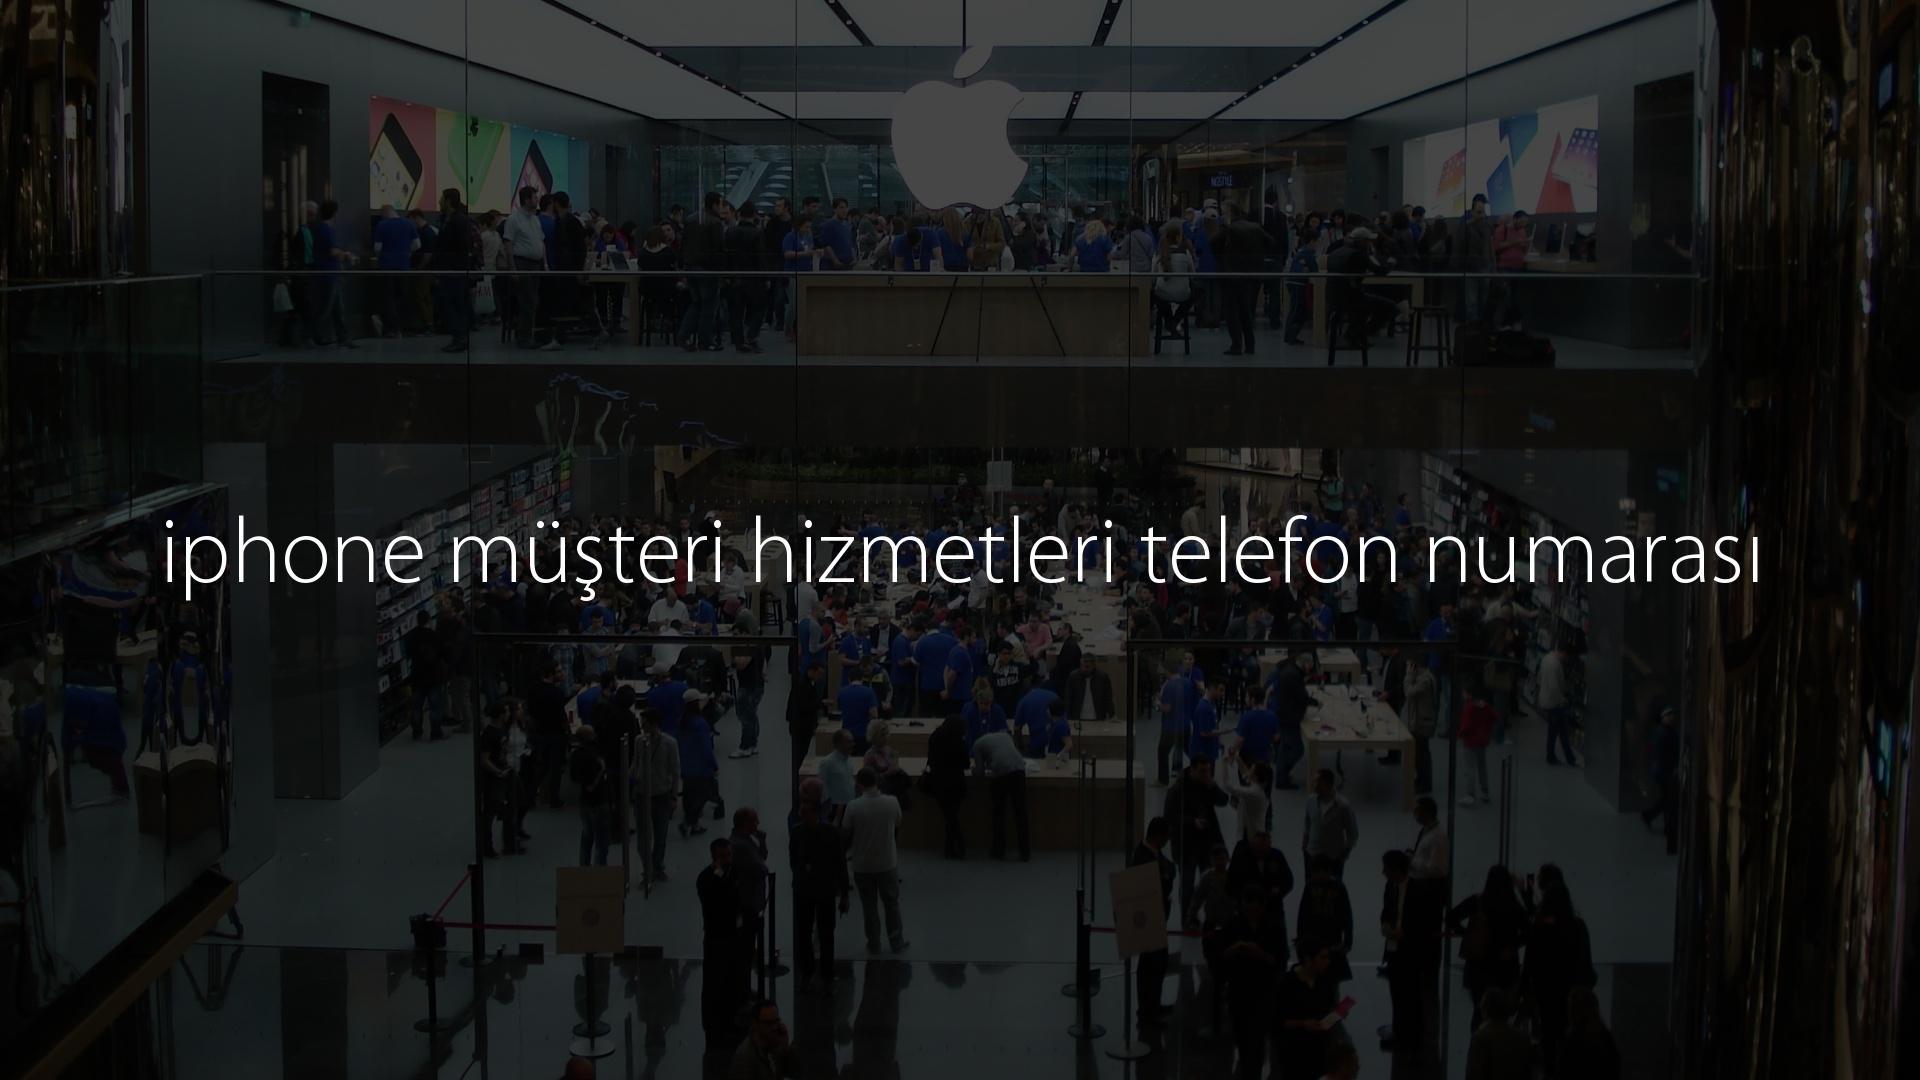 iphone müşteri hizmetleri telefon numarası